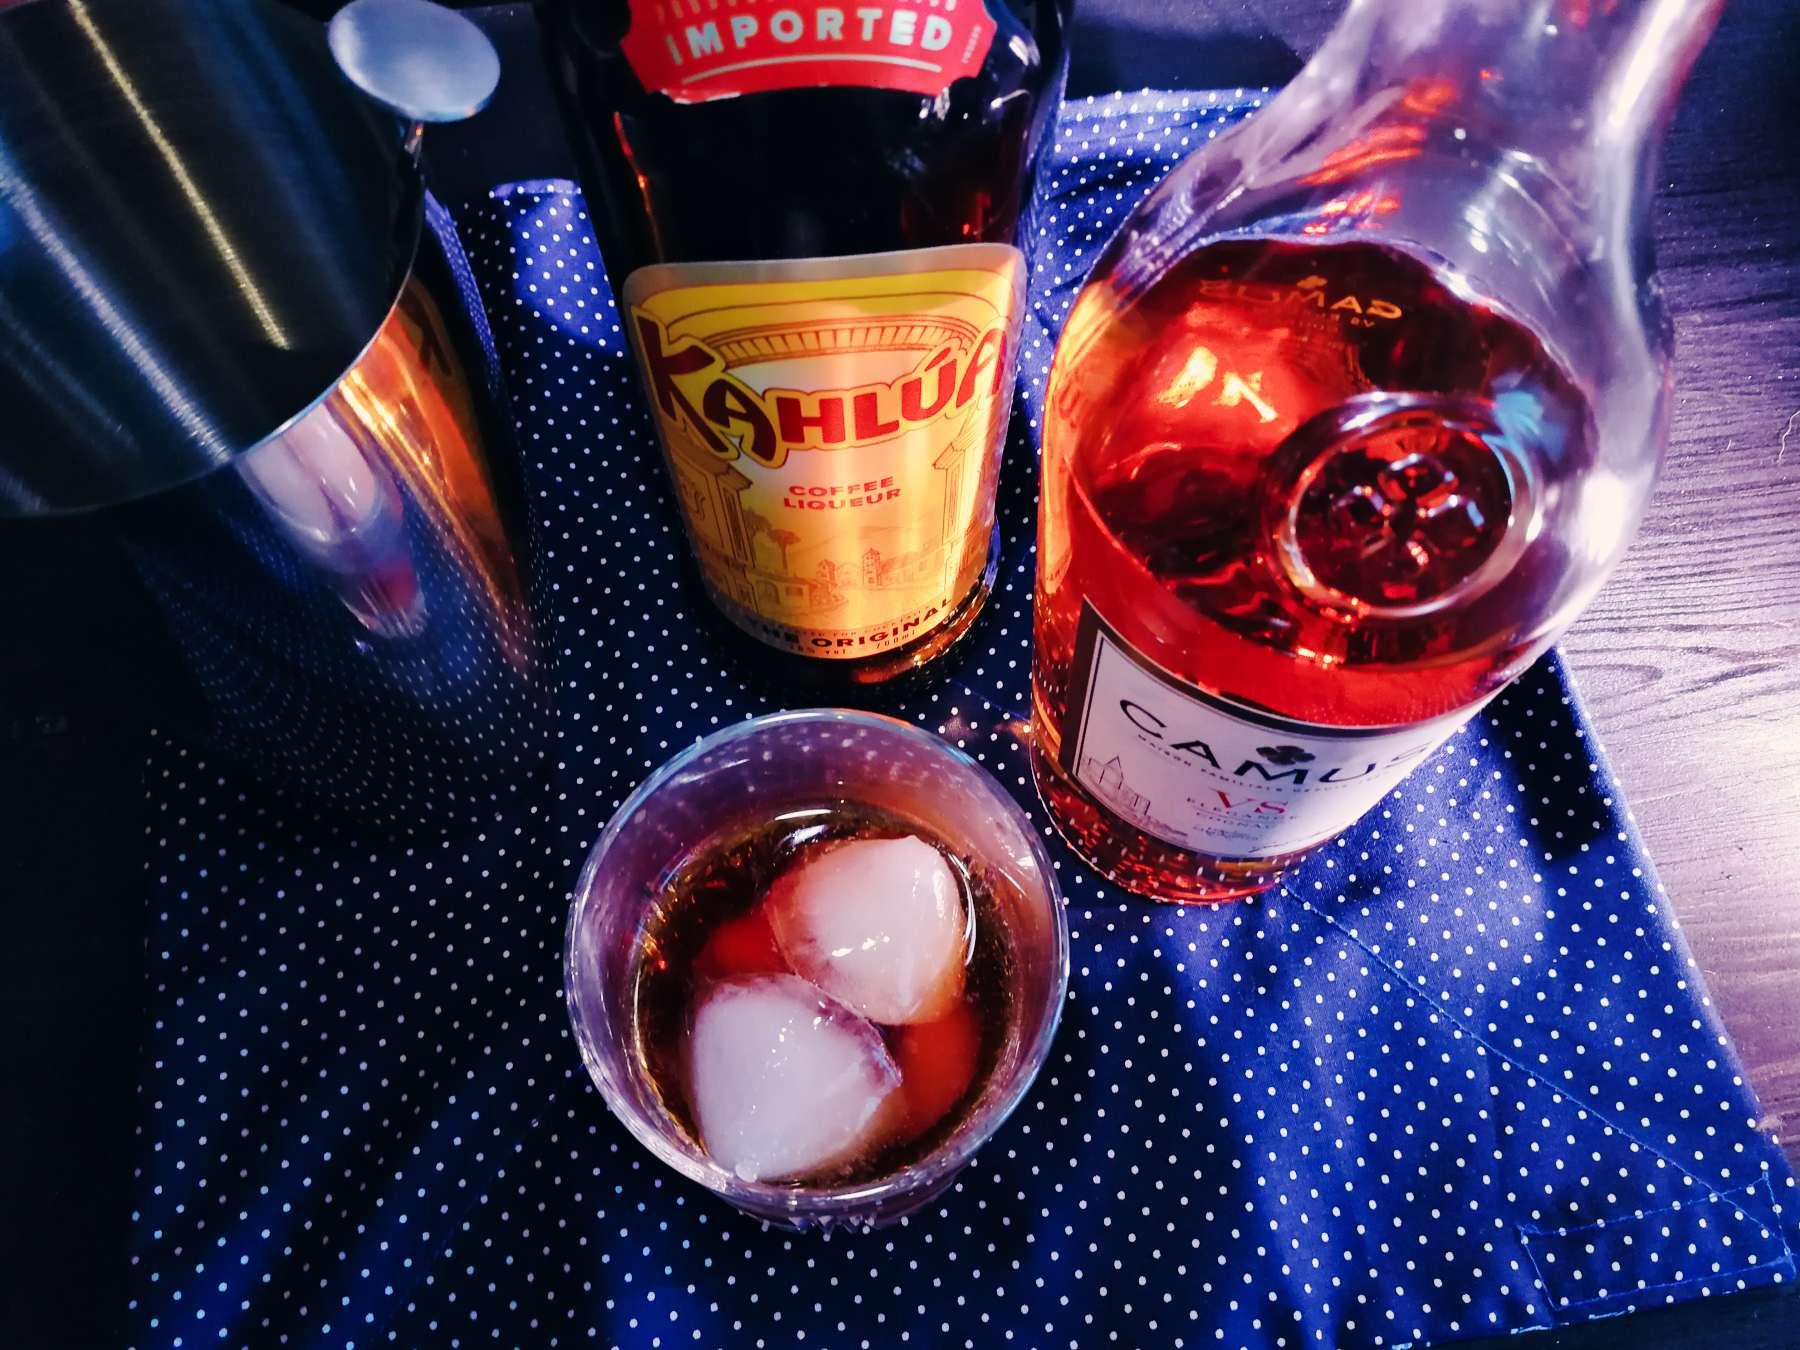 Napoleon Noir -  Cognac Cocktail - Camus VS Elegance - Kahlua